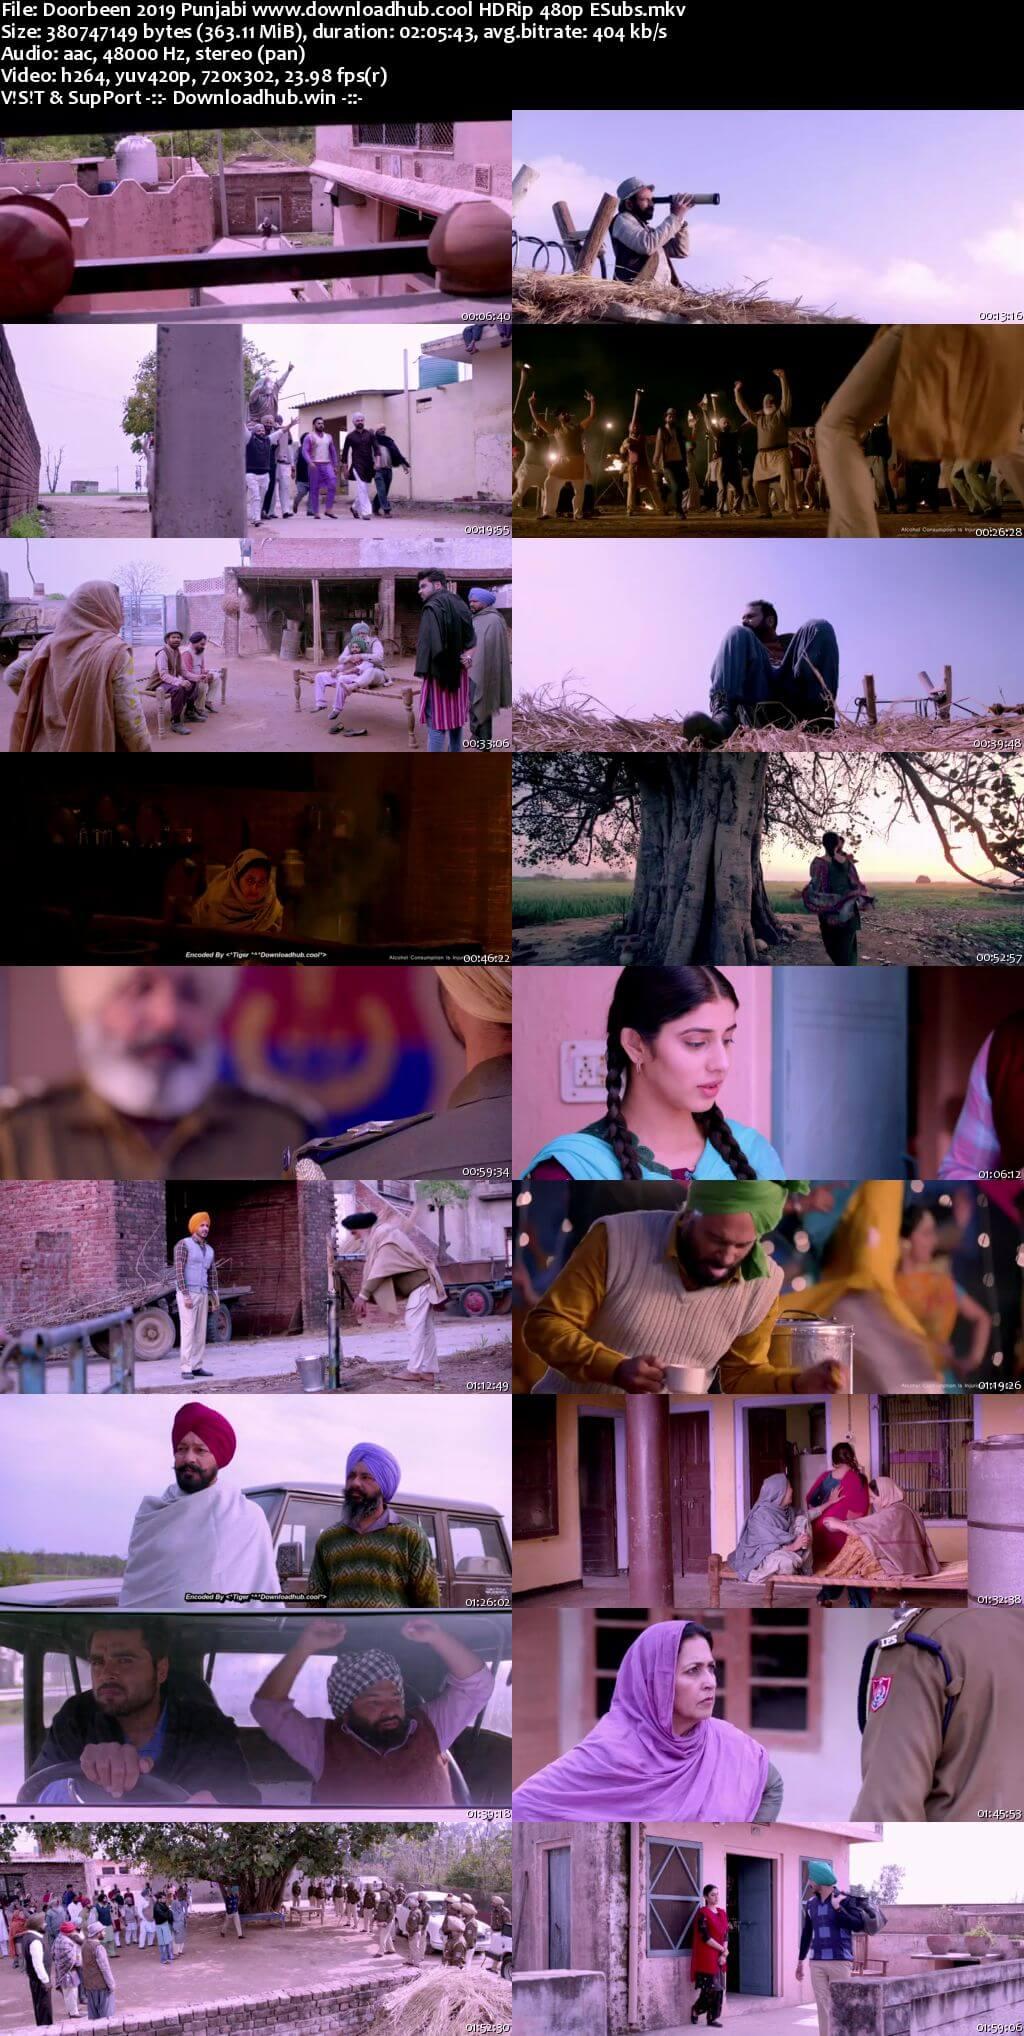 Doorbeen 2019 Punjabi 350MB HDRip 480p ESubs